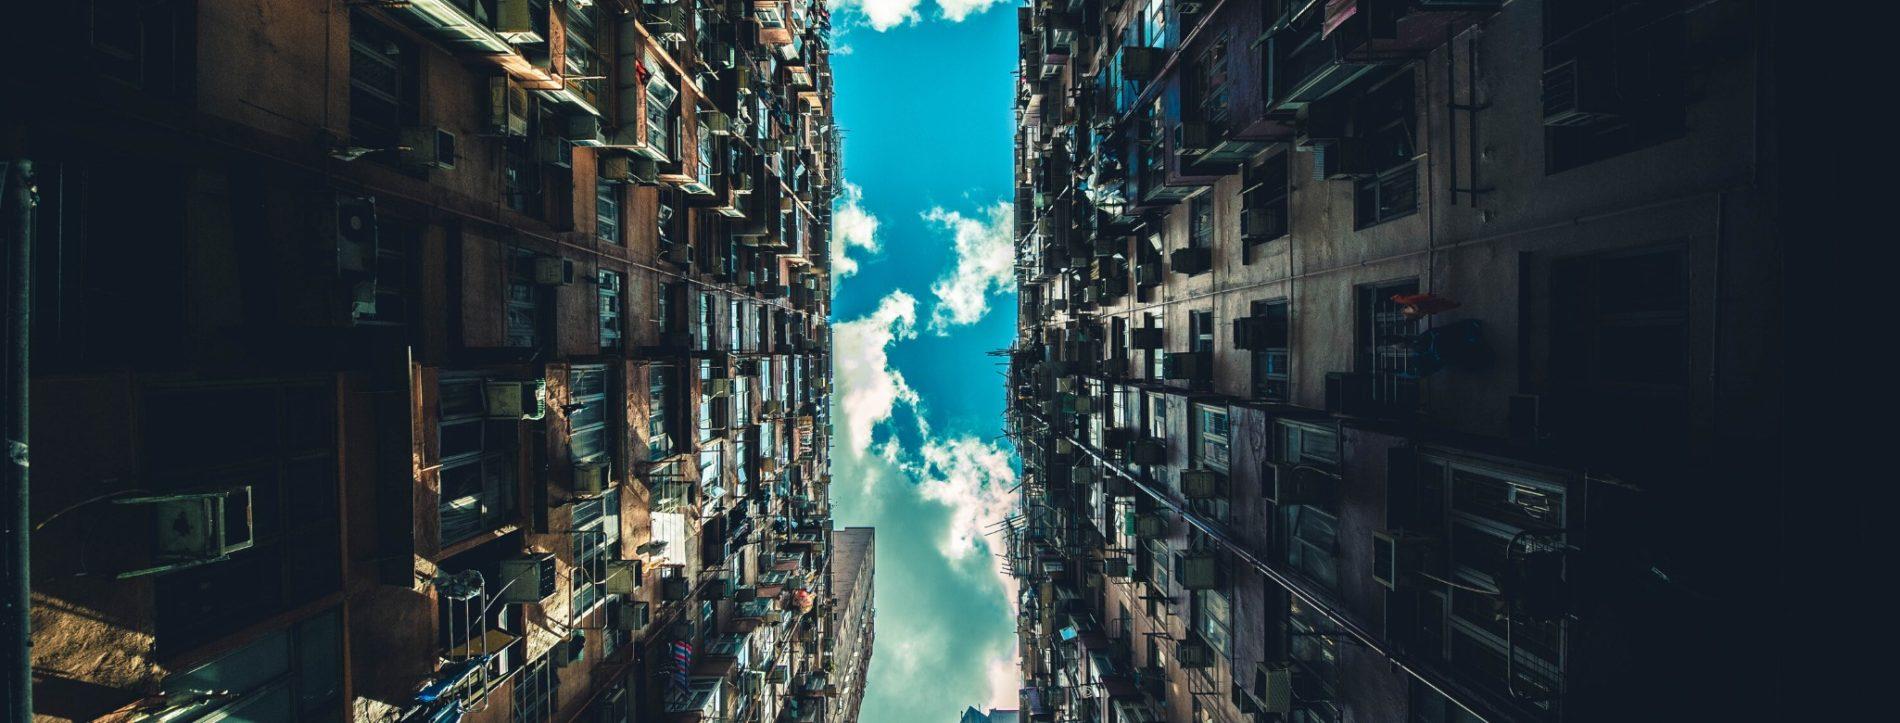 Immagine di una porzione di cielo che appare tra due palazzi